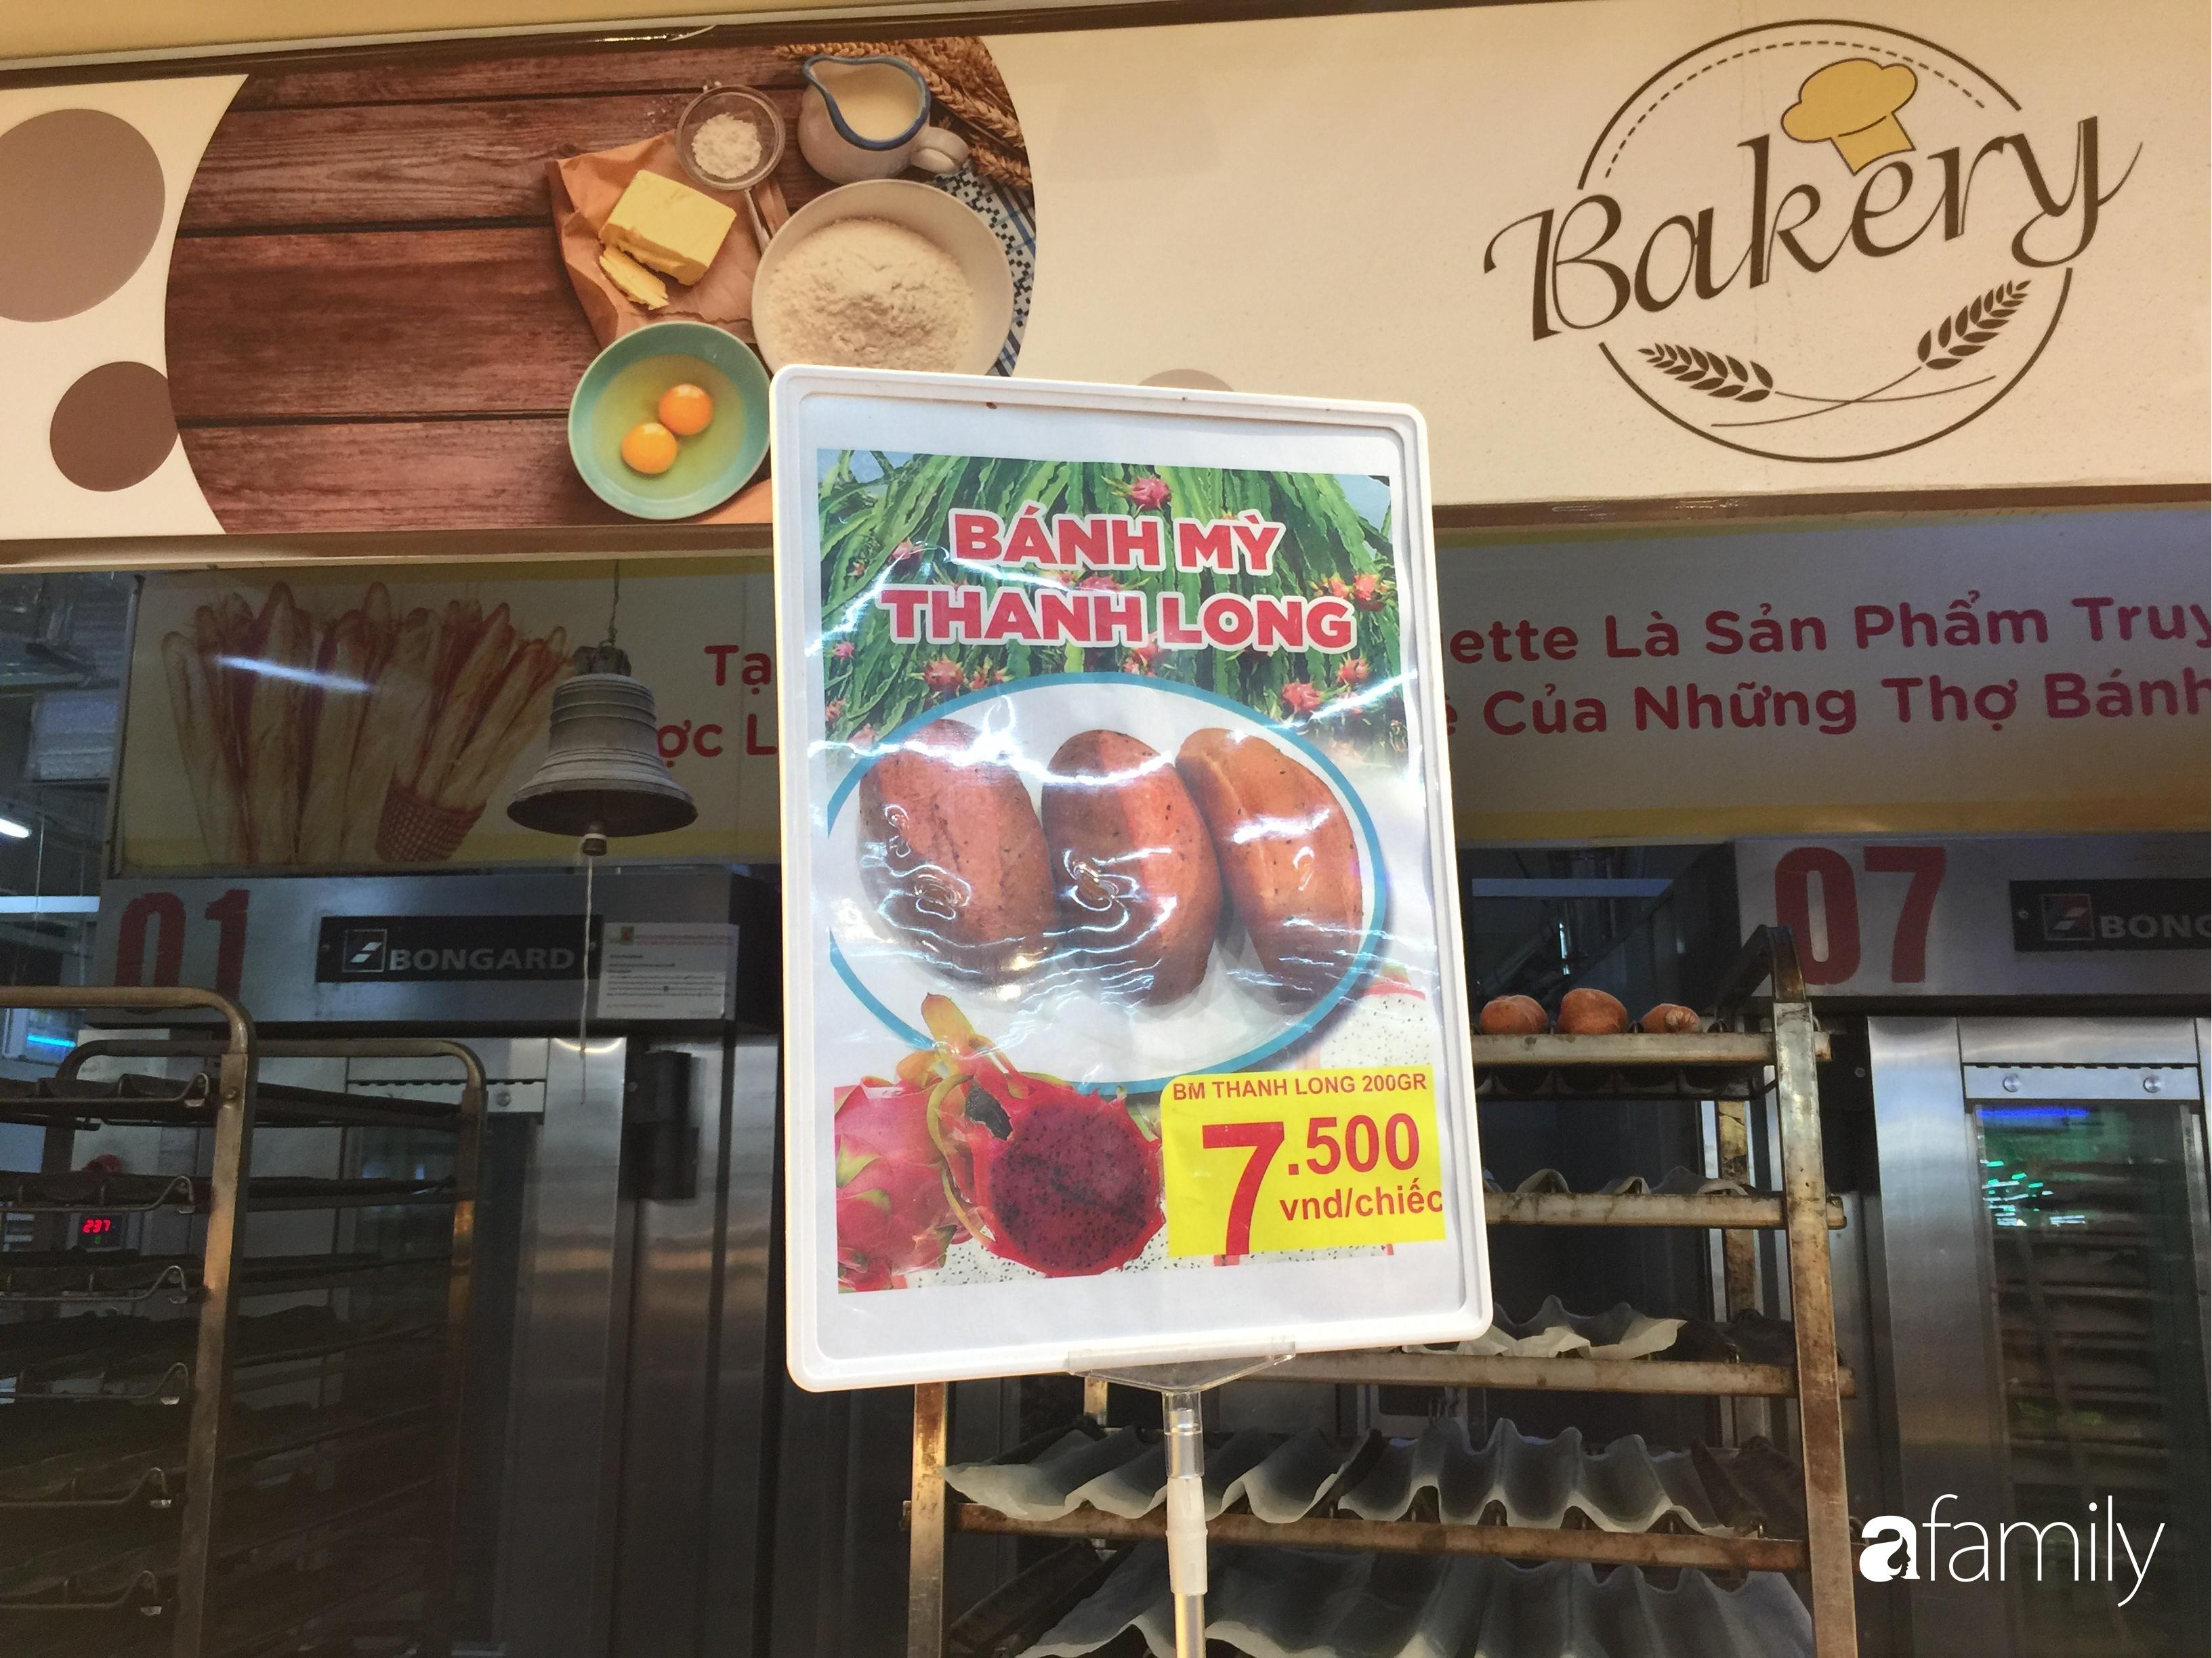 Hà Nội: Người tiêu dùng đổ xô đi mua bánh mì thanh long do hương vị giòn xốp ngậy mà giá rẻ chỉ bằng 1/3 bánh mì truyền thống - Ảnh 4.